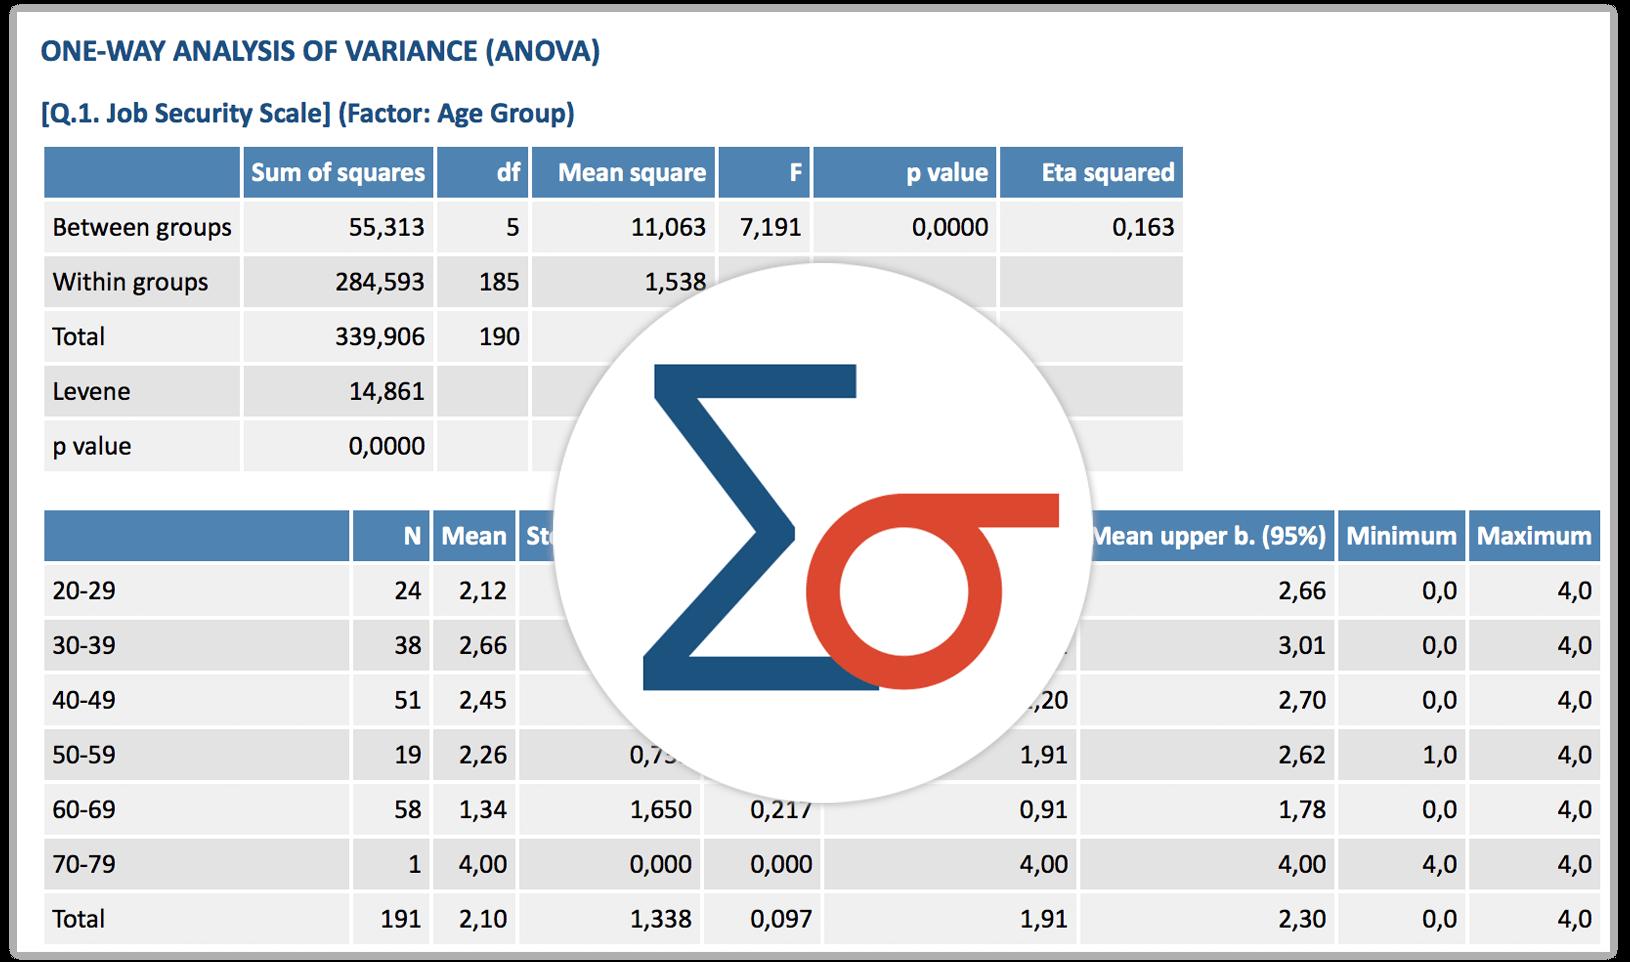 Analysis of variance (anova) in MAXQDA